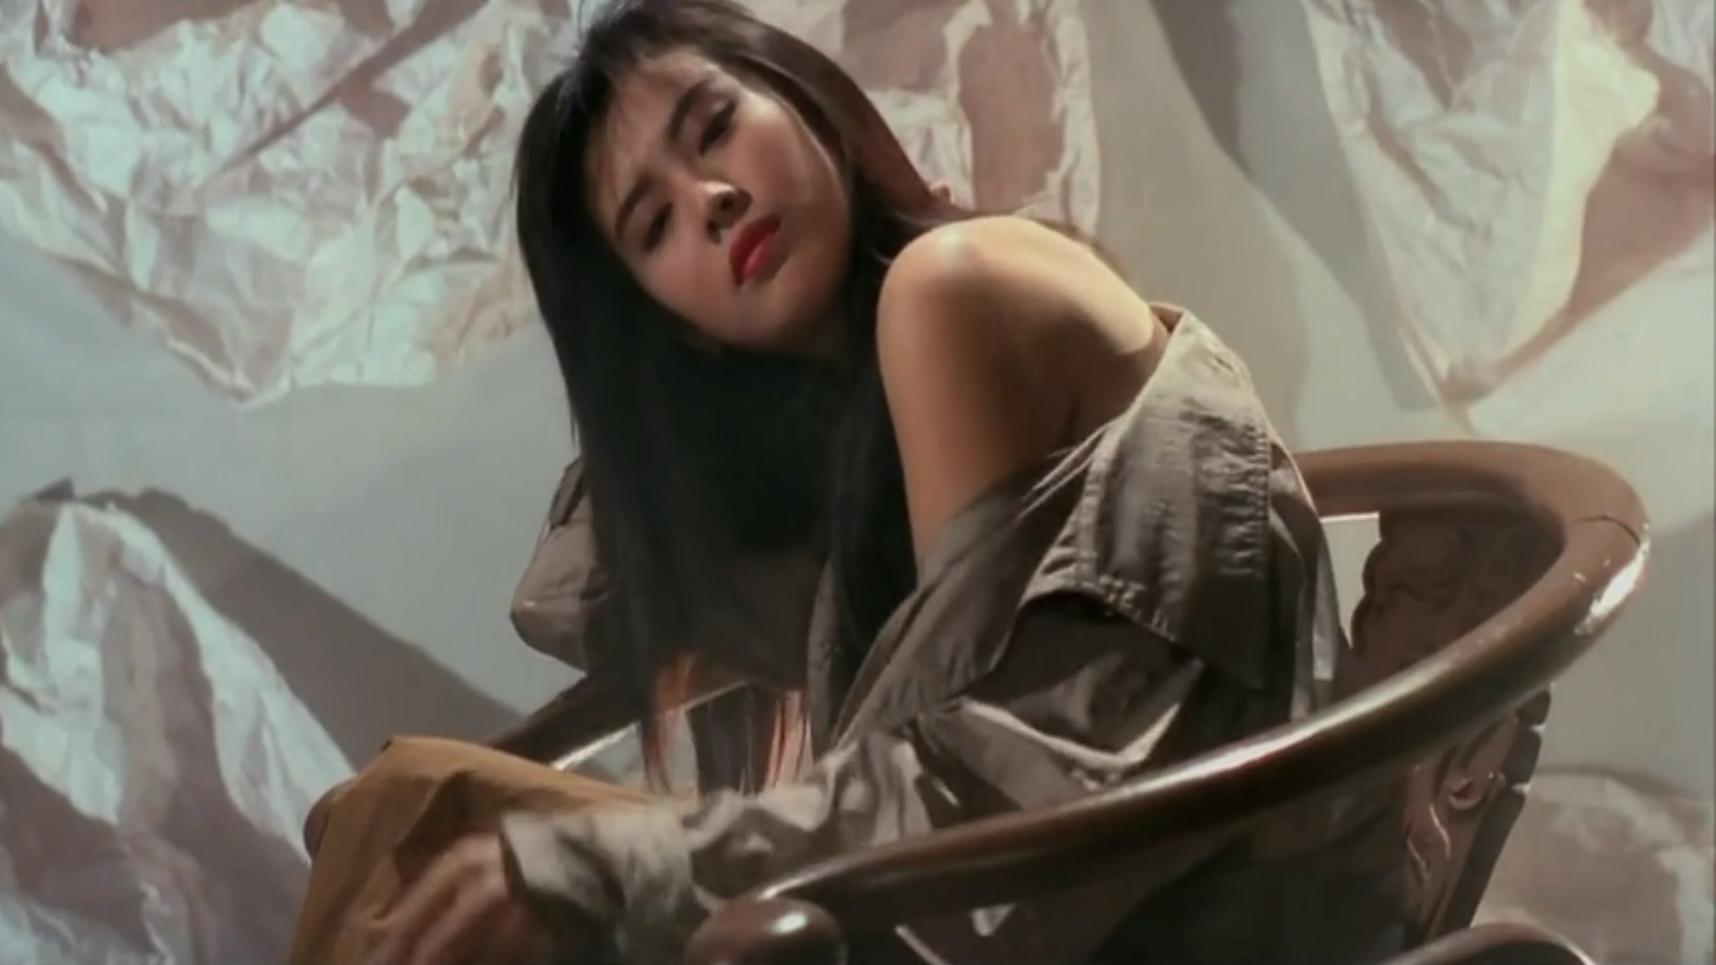 【王祖贤】05-可俏皮,可妩媚,可中二,可高冷